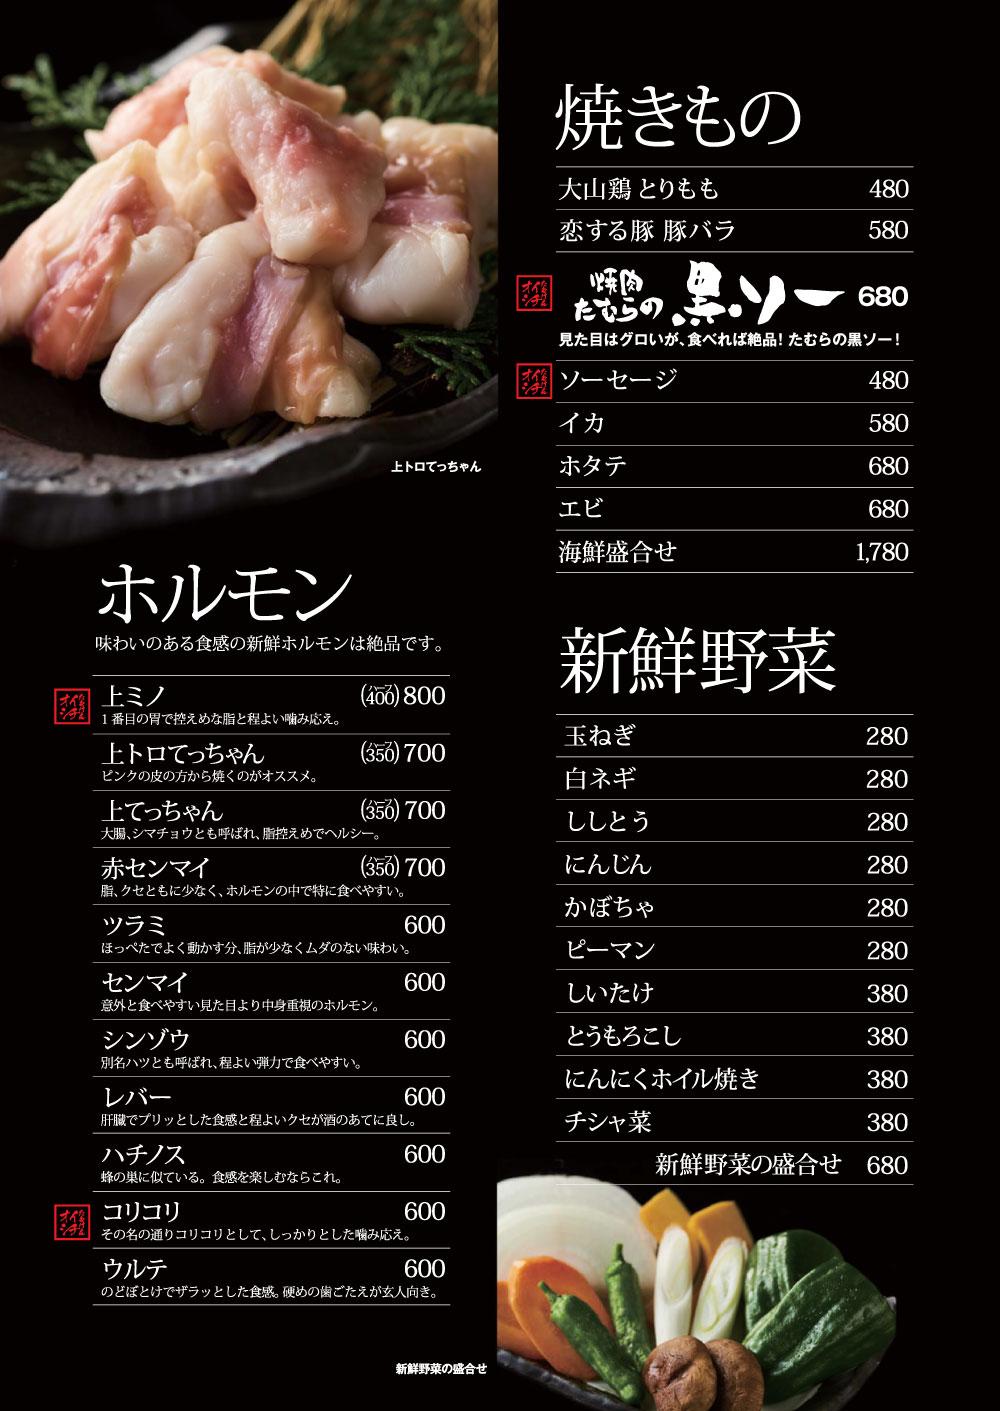 焼きもの・ホルモン・新鮮野菜メニュー